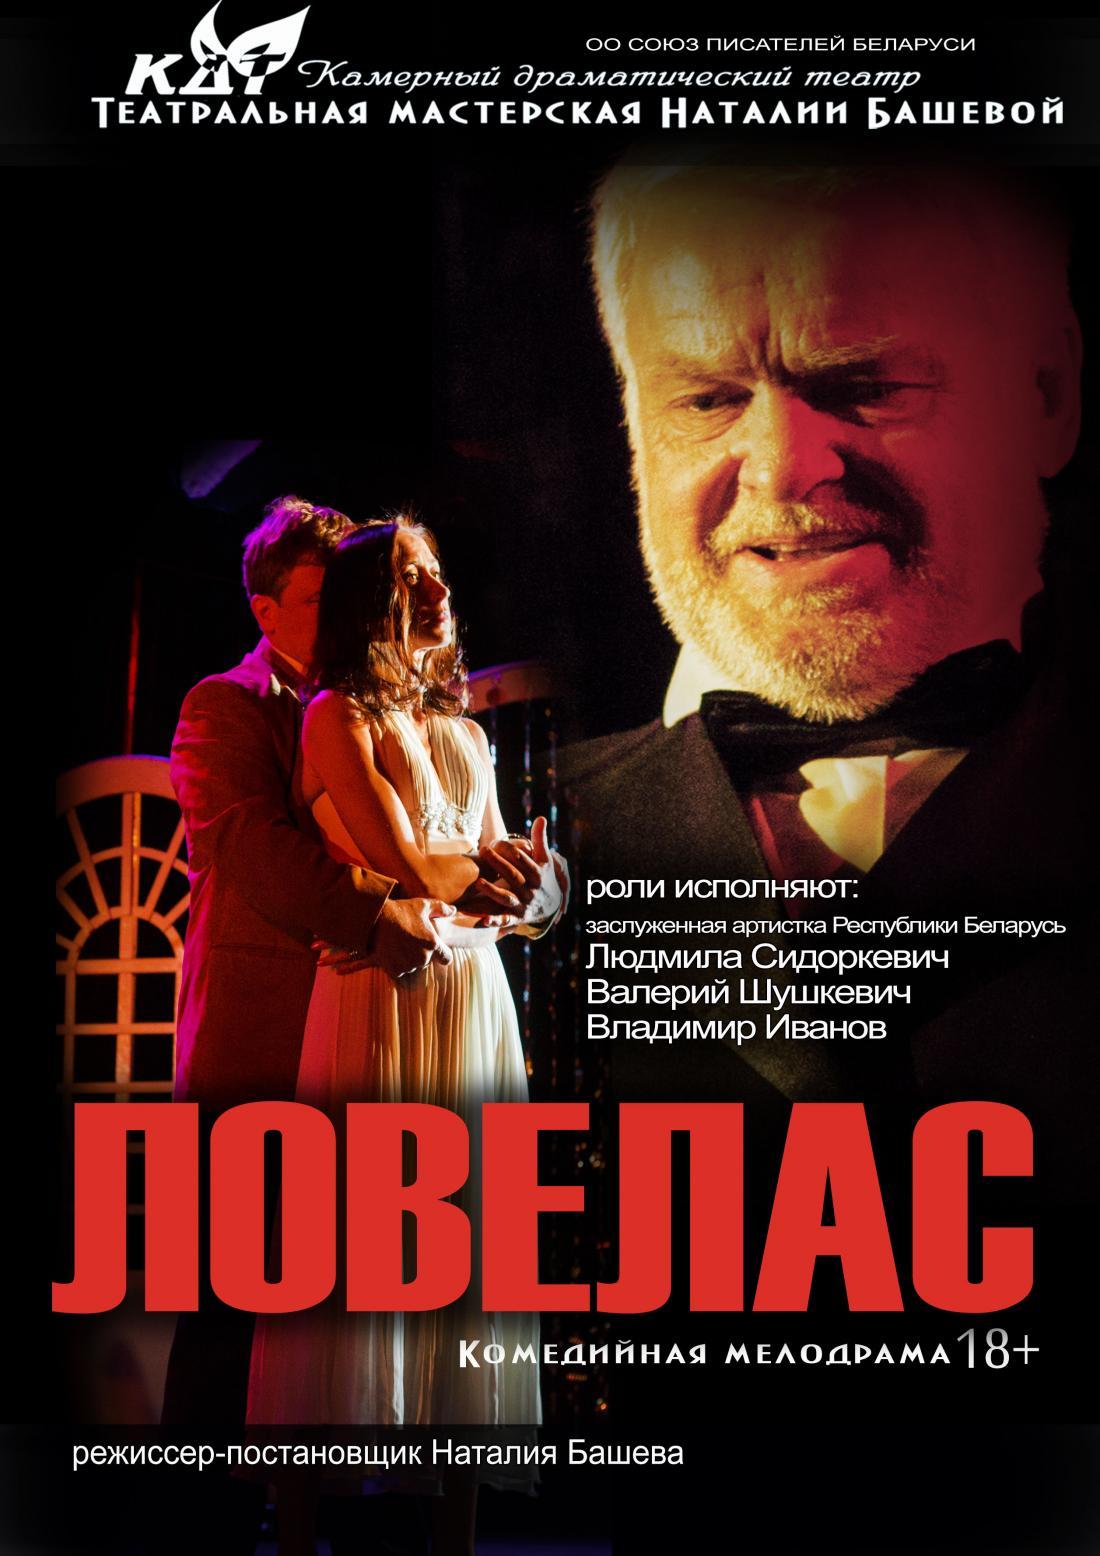 """29 мая спектакль """"Ловелас"""", два билета по цене одного от 12 руб."""